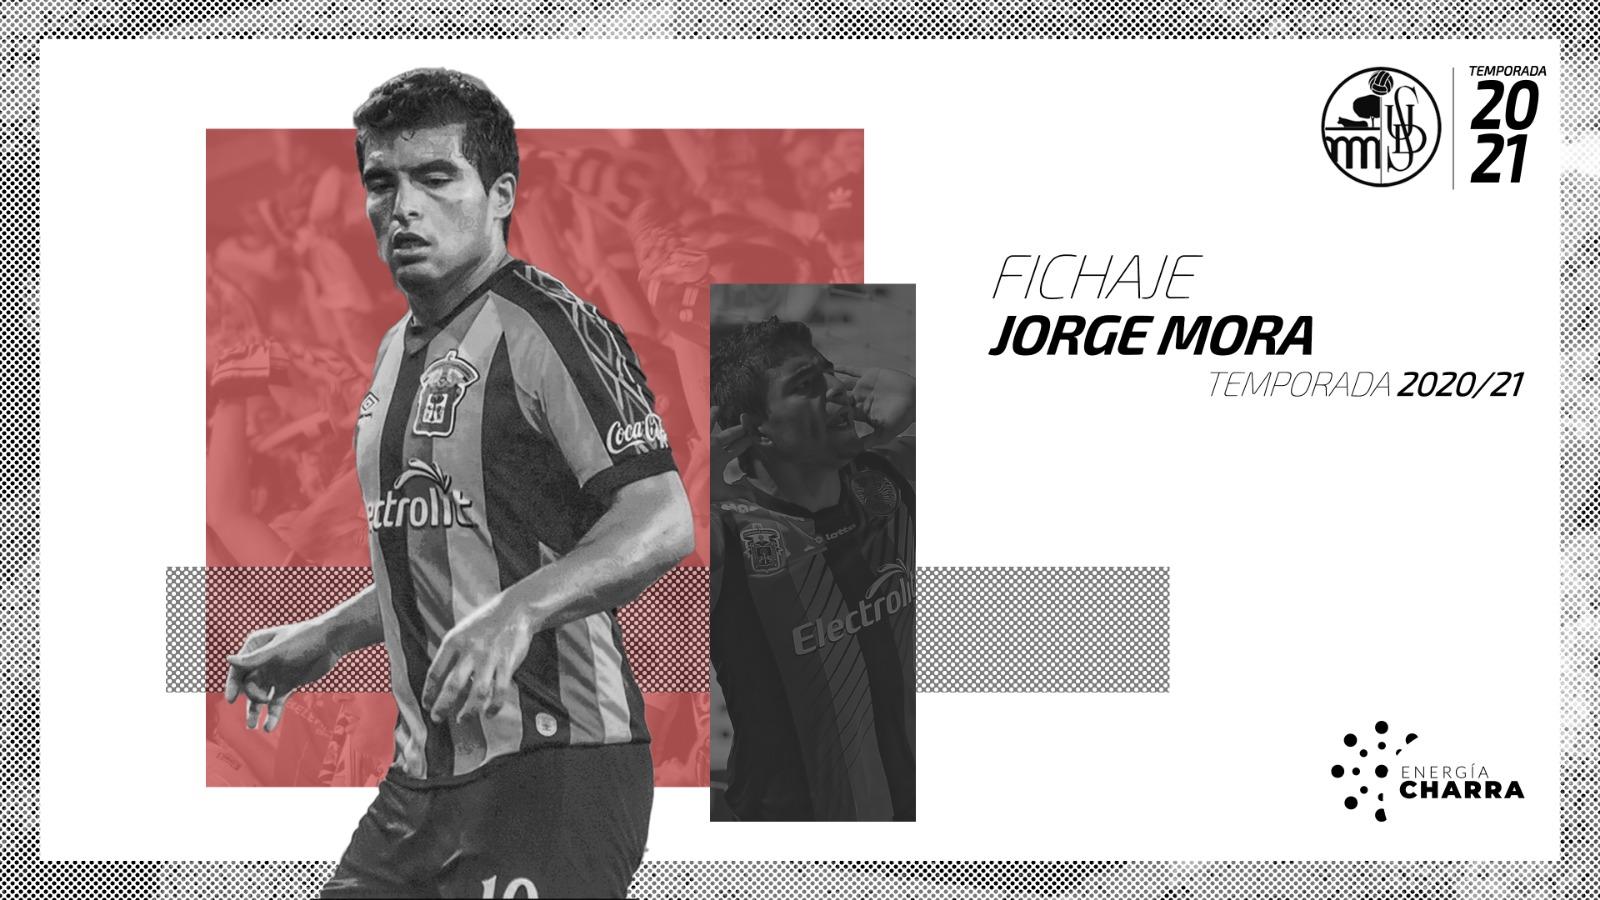 Jorge Mora ficha con el Salamanca español